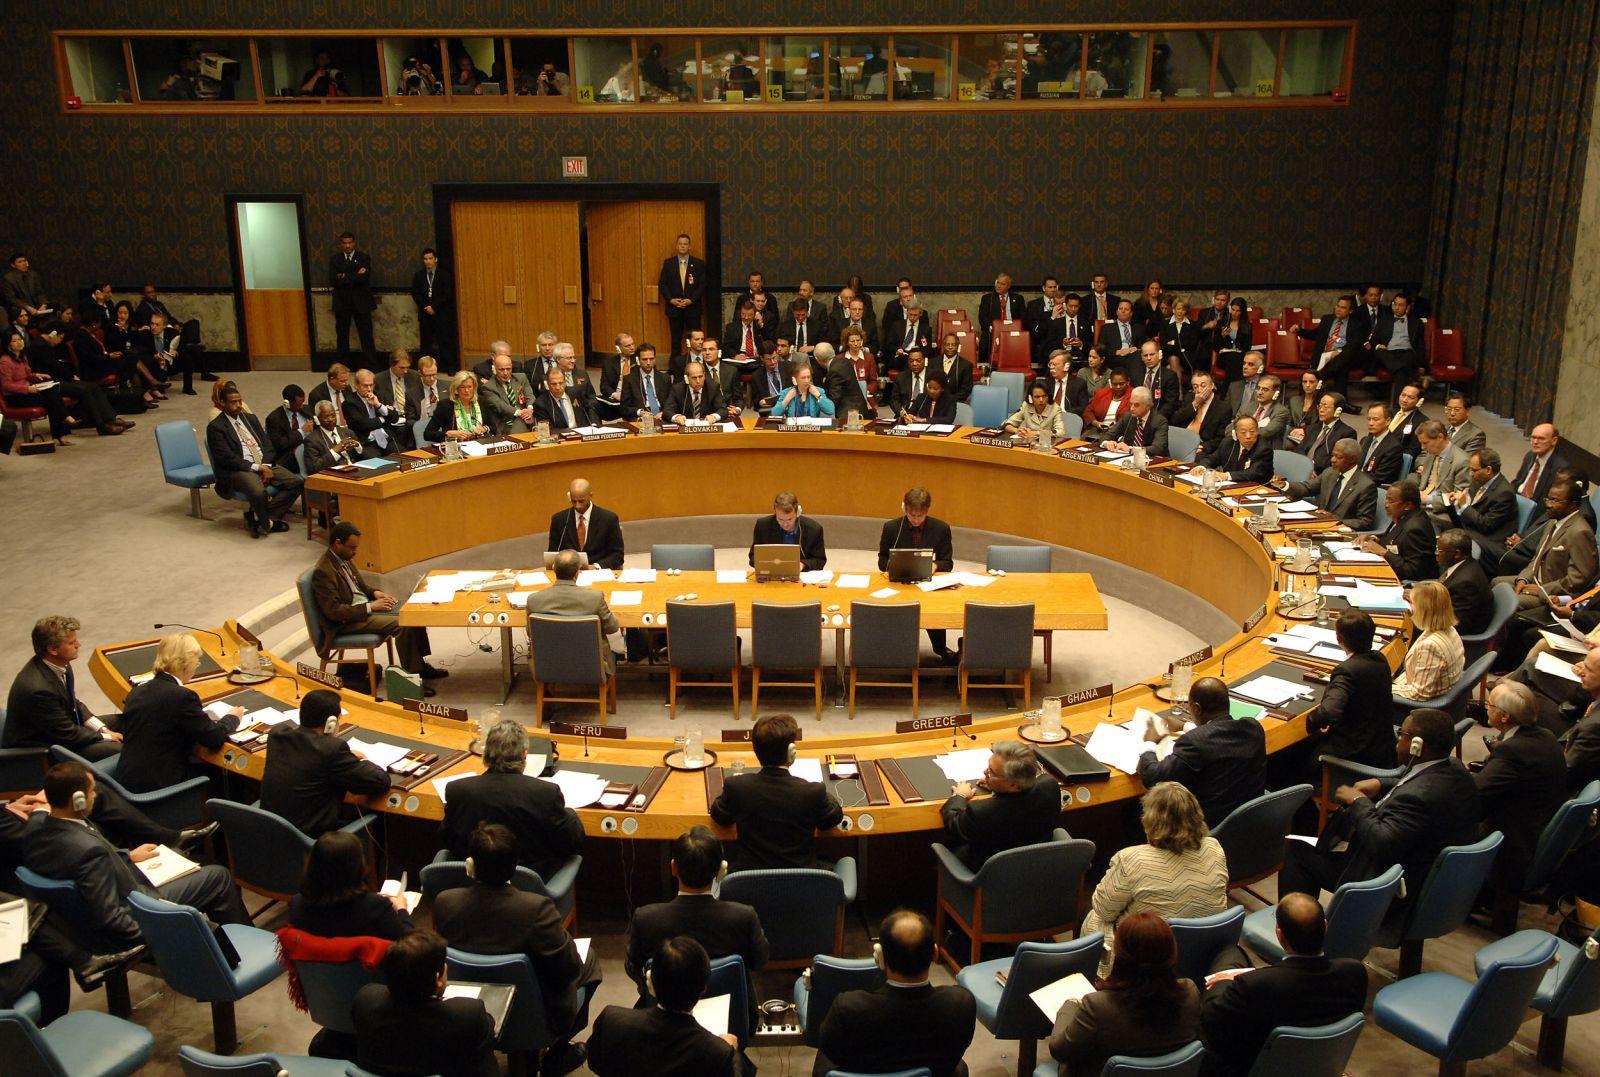 الأمم المتحدة تؤجل تقييم التصنيف الدولي للقومي لحقوق الإنسان